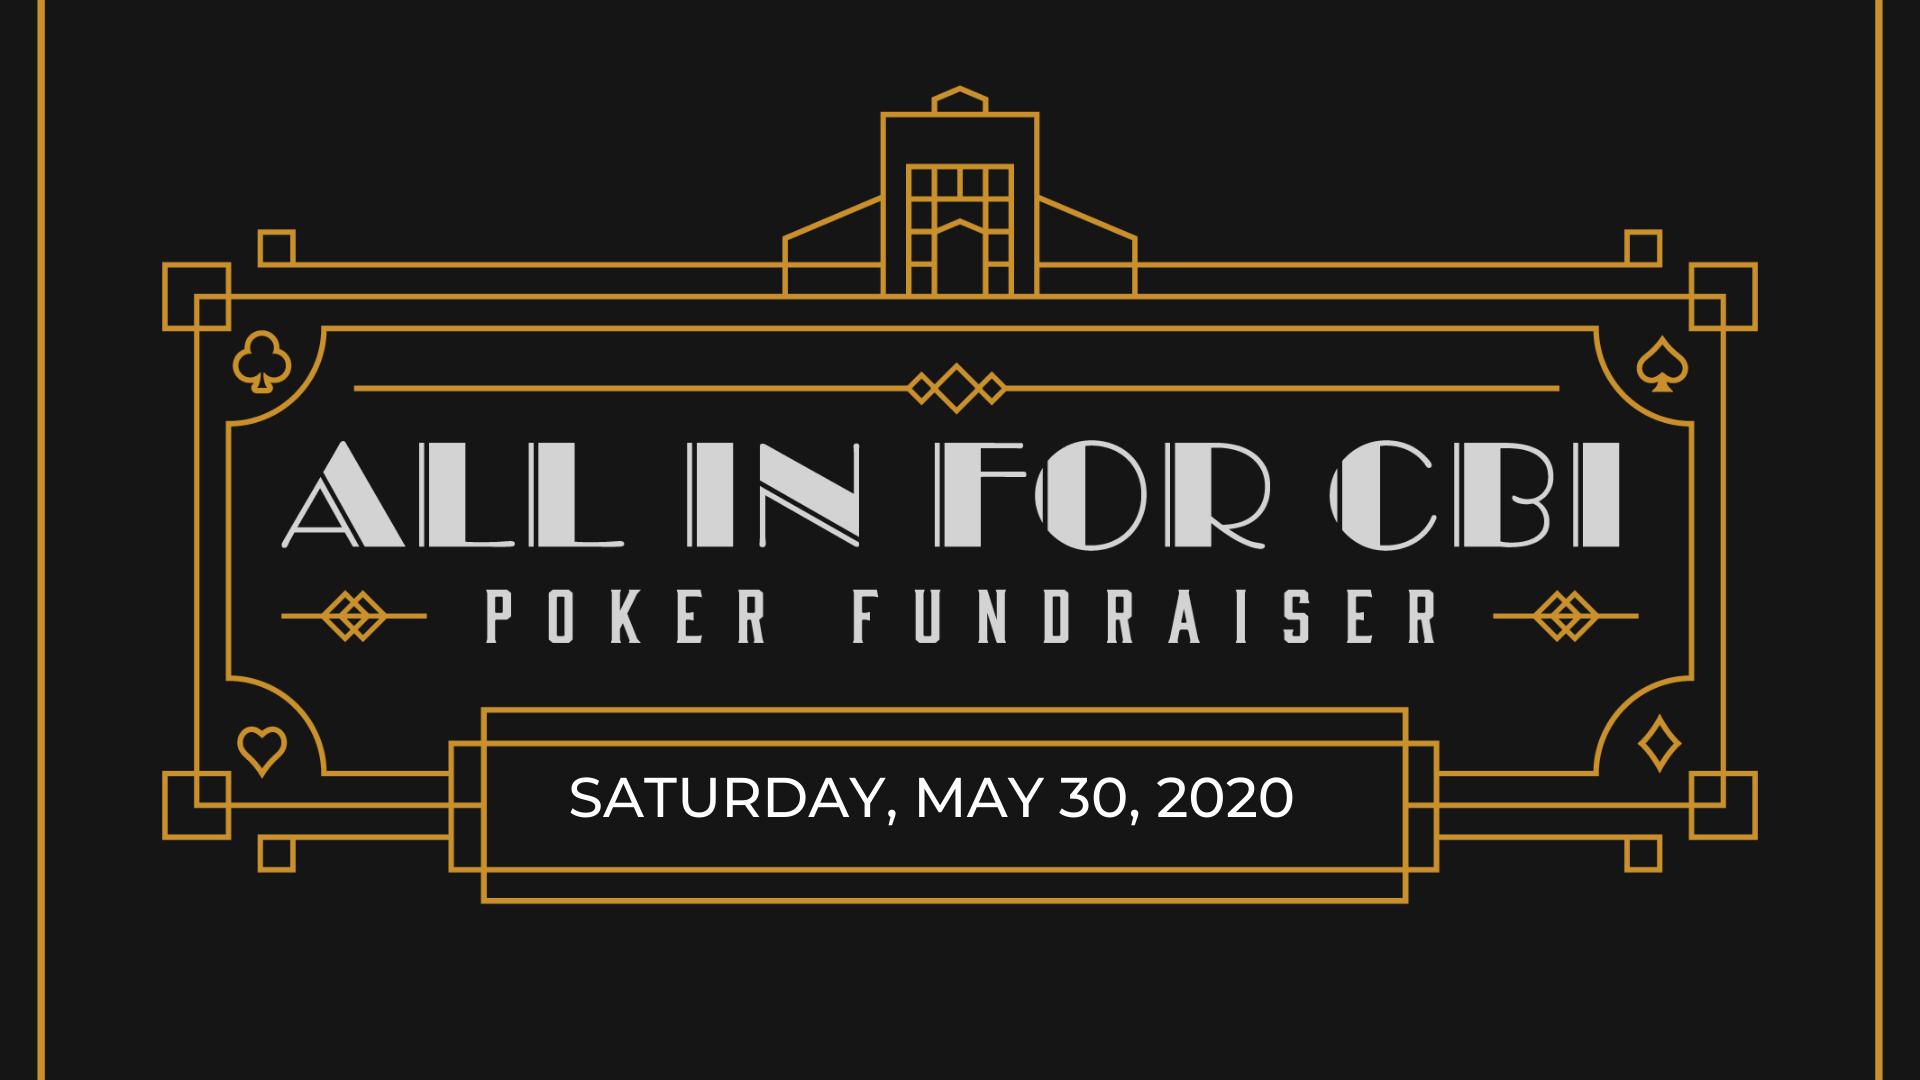 All In For CBI Poker Fundraiser